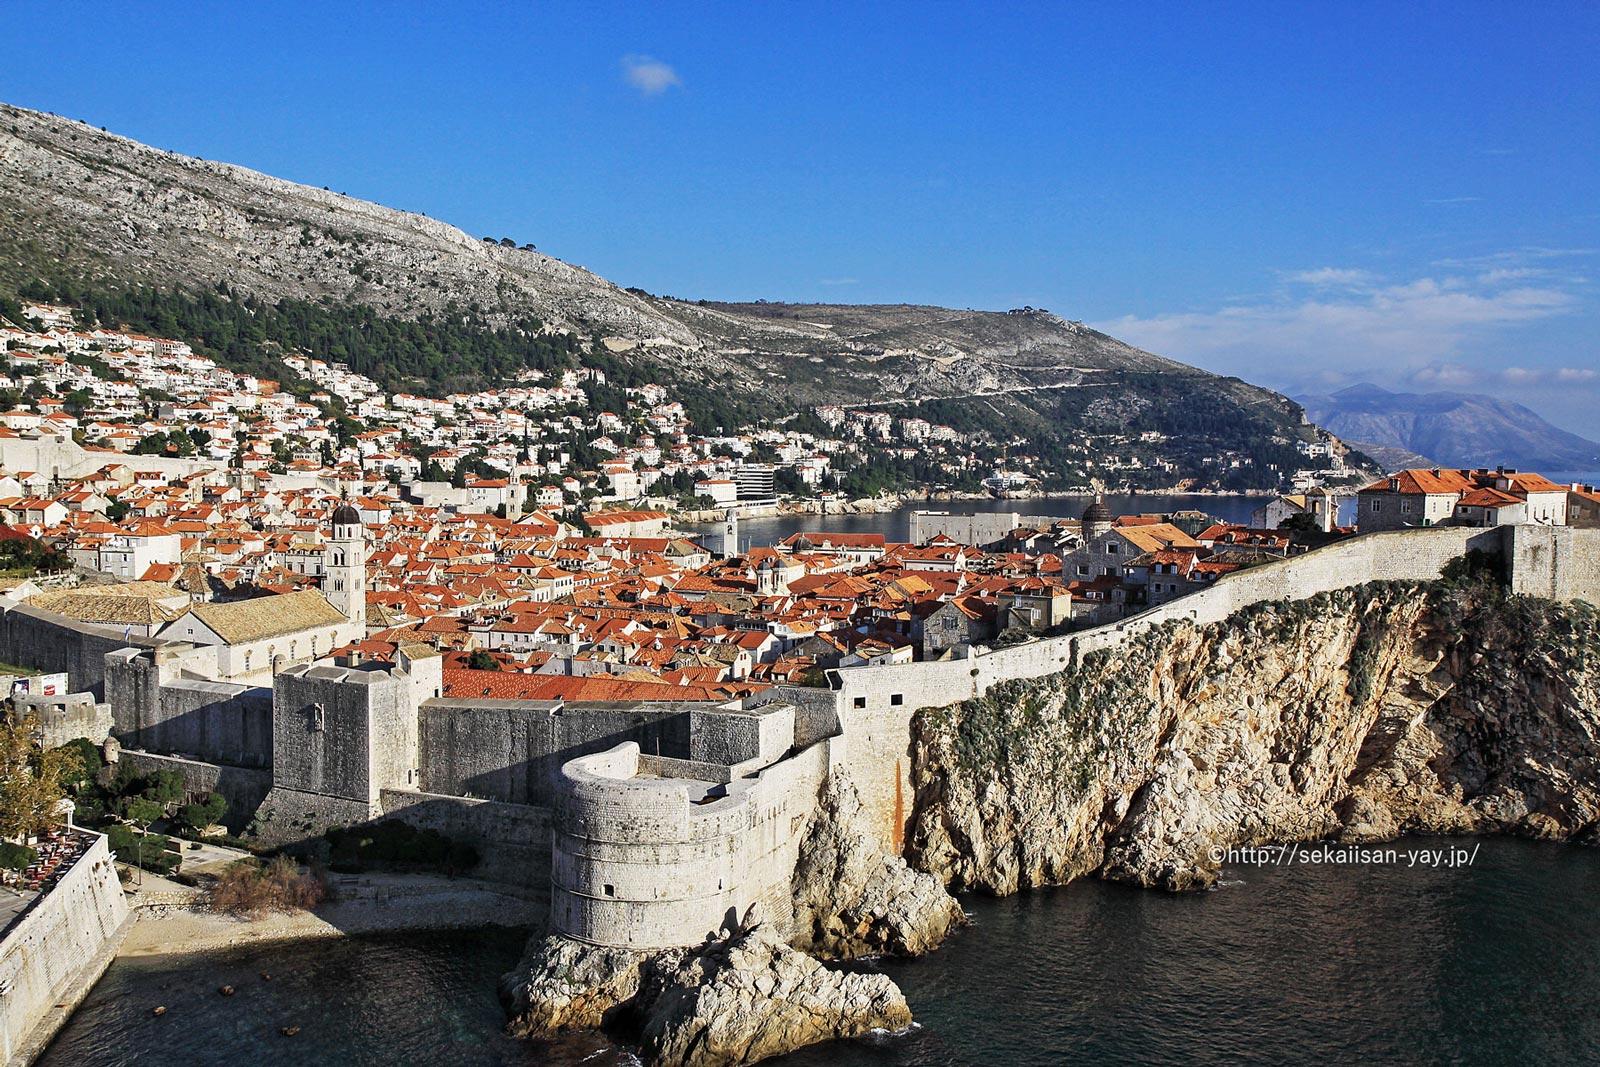 クロアチア「ドゥブロヴニク旧市街」